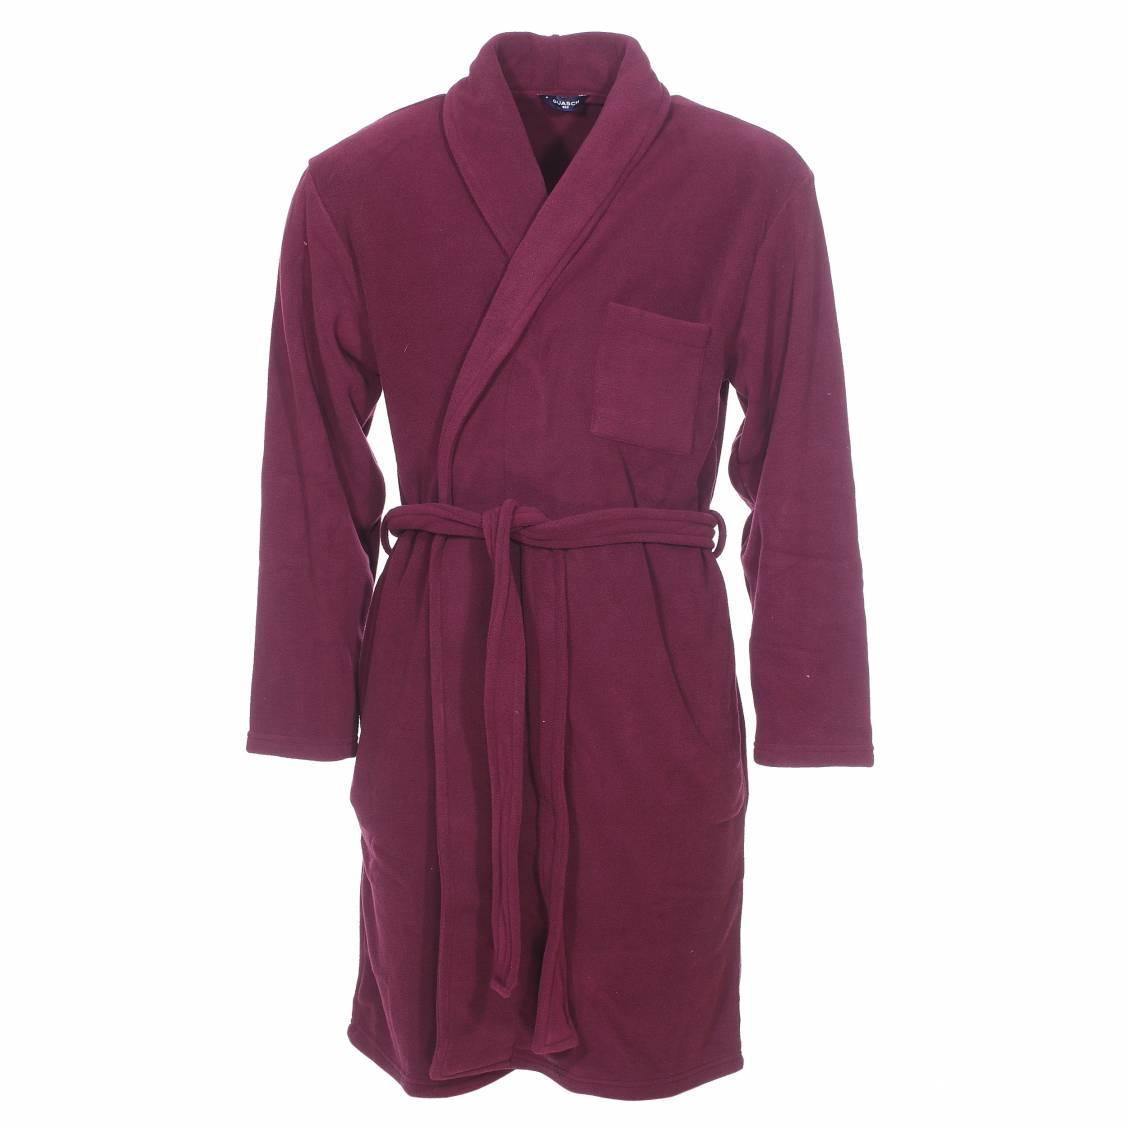 Robe chambre guasch en polaire bordeaux rue des hommes for Chambre bordeaux